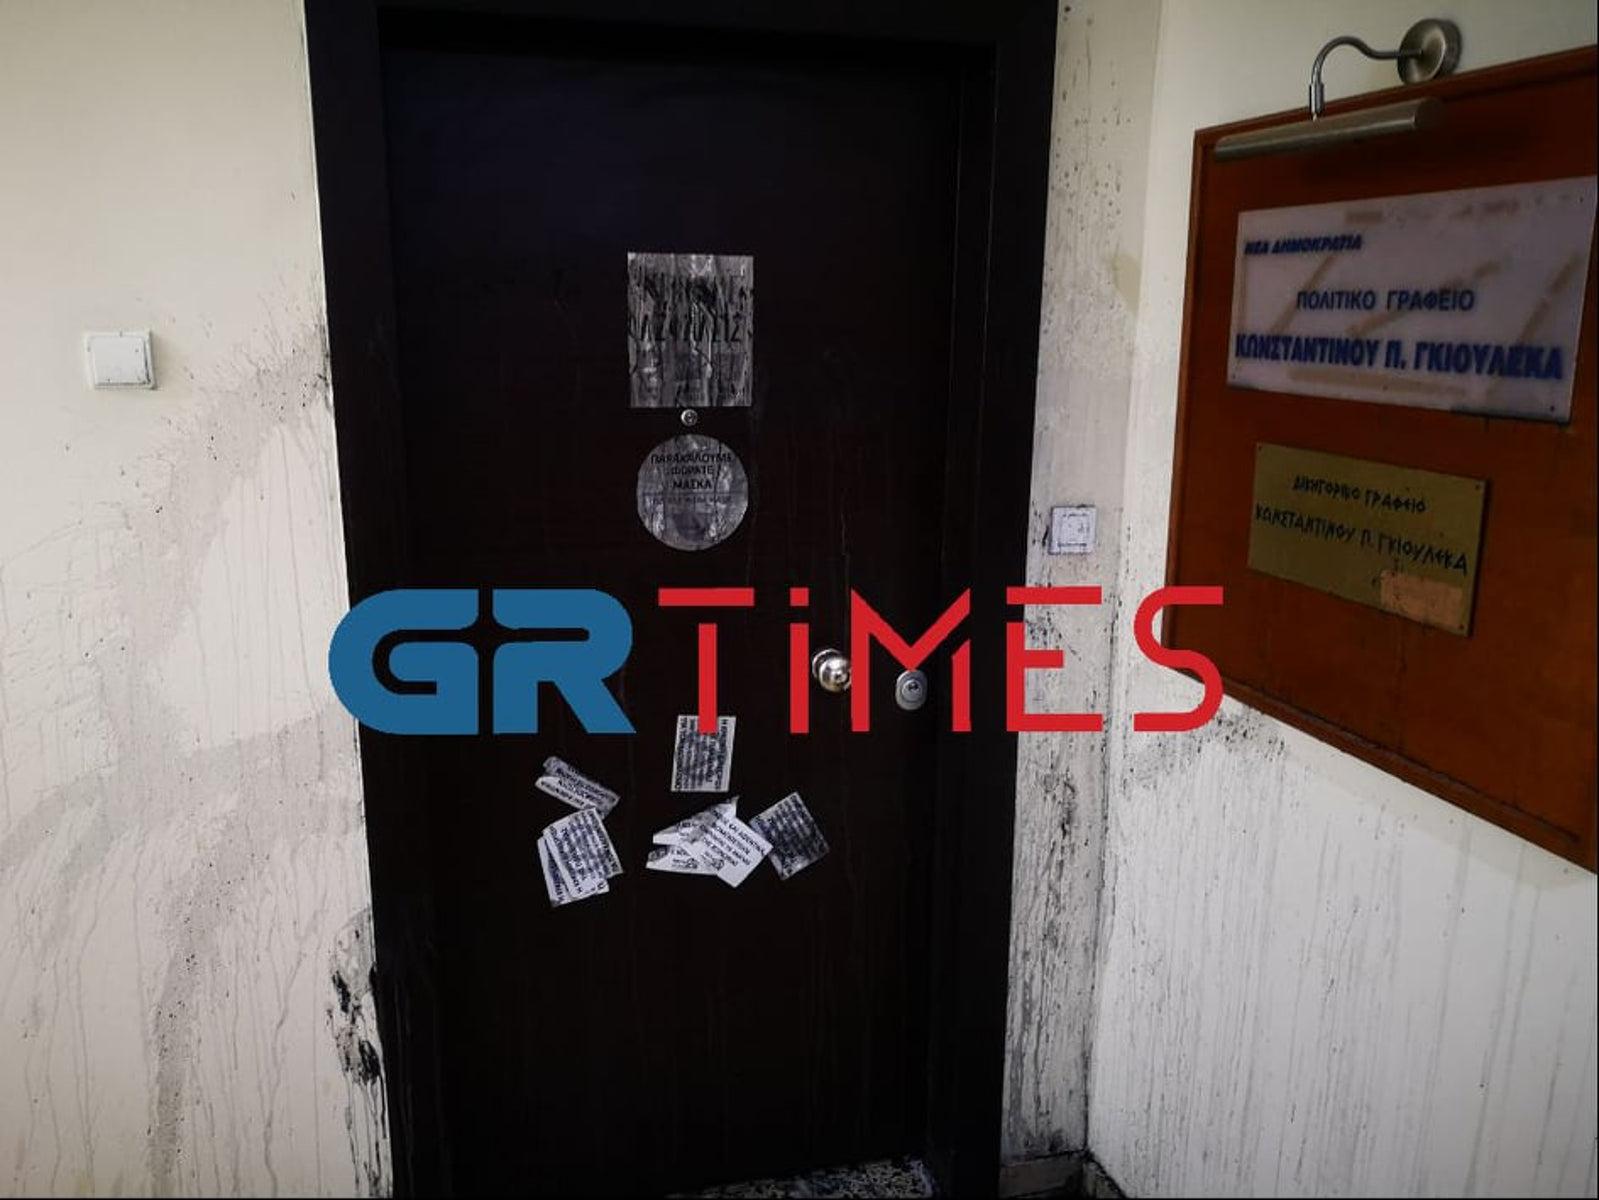 Θεσσαλονίκη: Επίθεση με μπογιές και τρικάκια στο γραφείο Γκιουλέκα και στην Αρχή Διαφάνειας